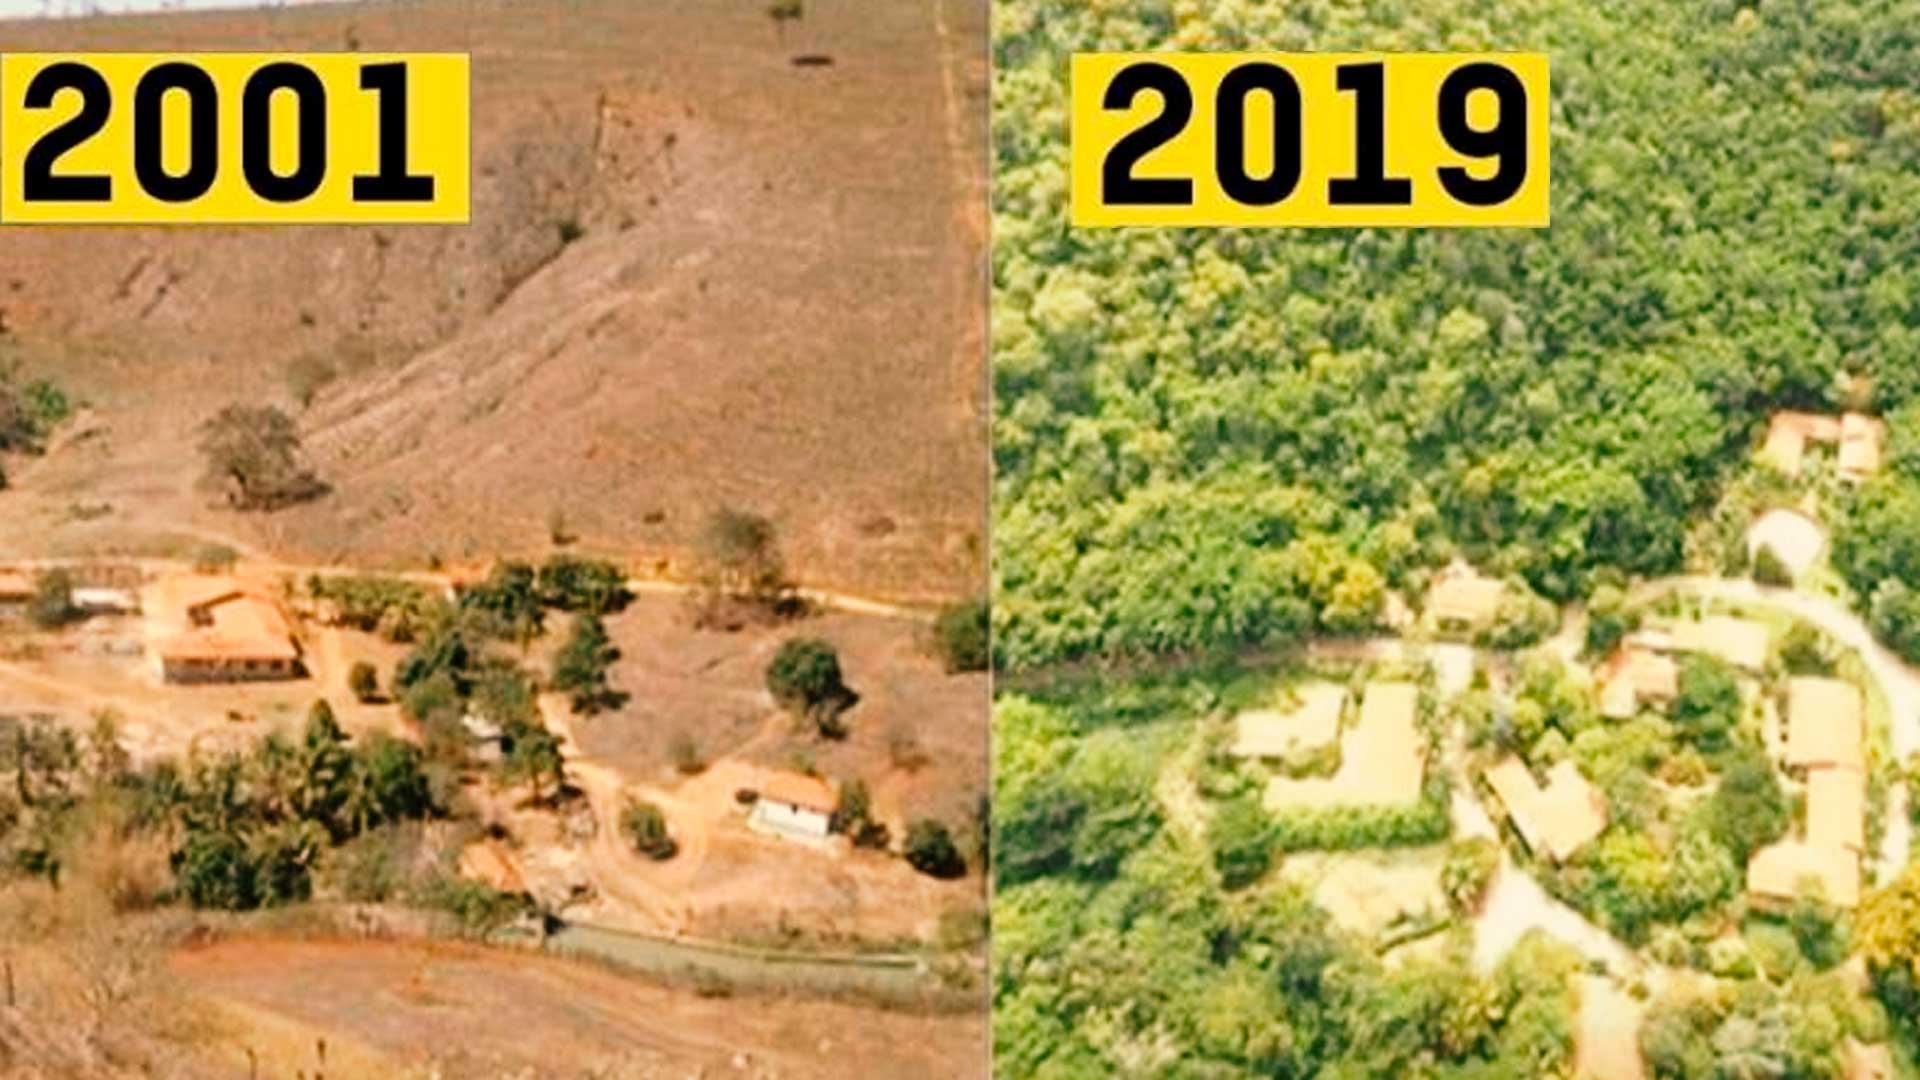 Este fotógrafo brasileño muestra increíble proyecto de reforestación con más de 2,5 millones de árboles